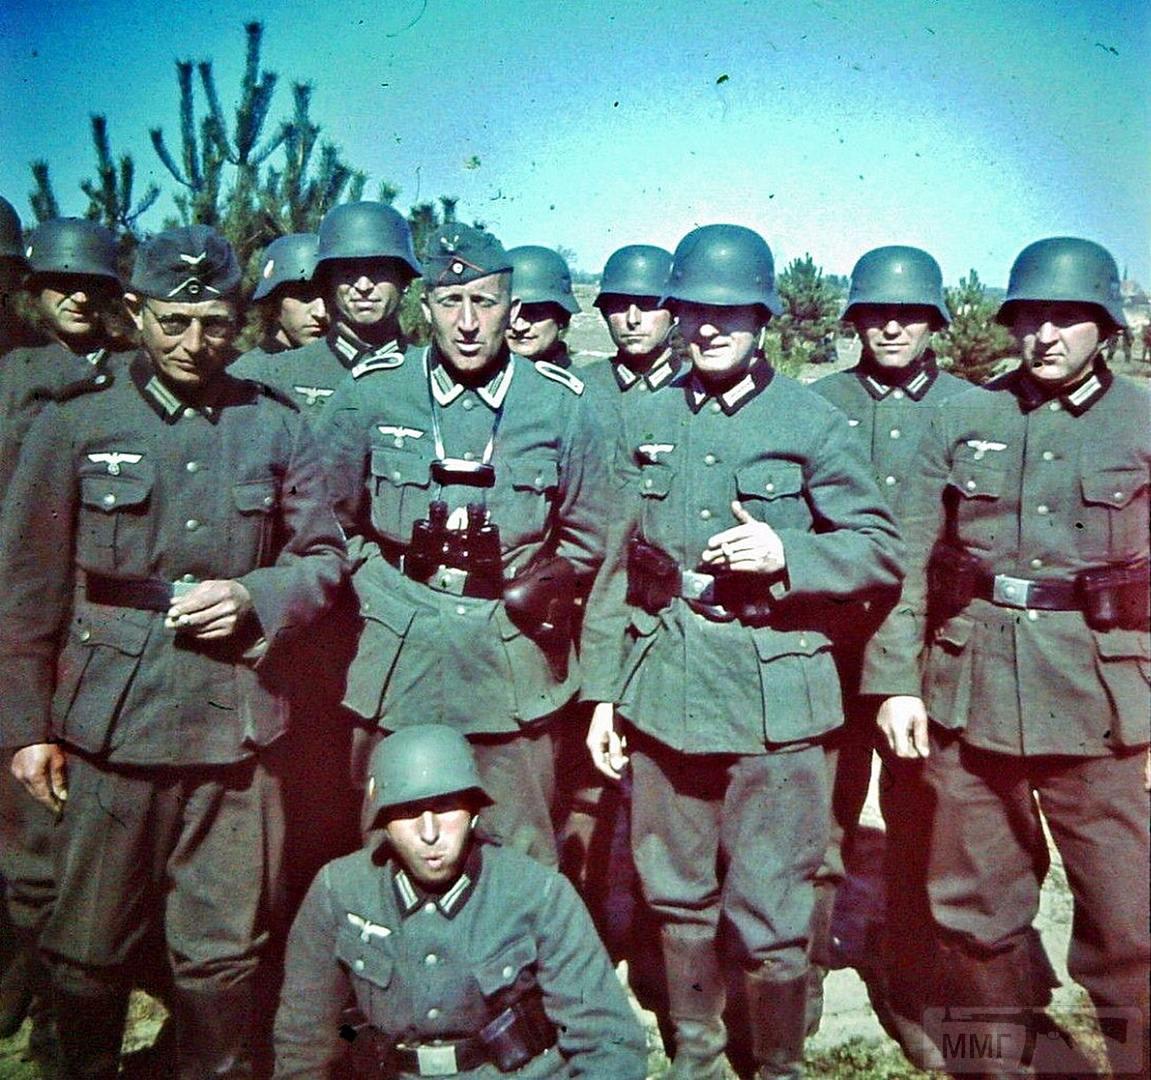 86733 - Раздел Польши и Польская кампания 1939 г.